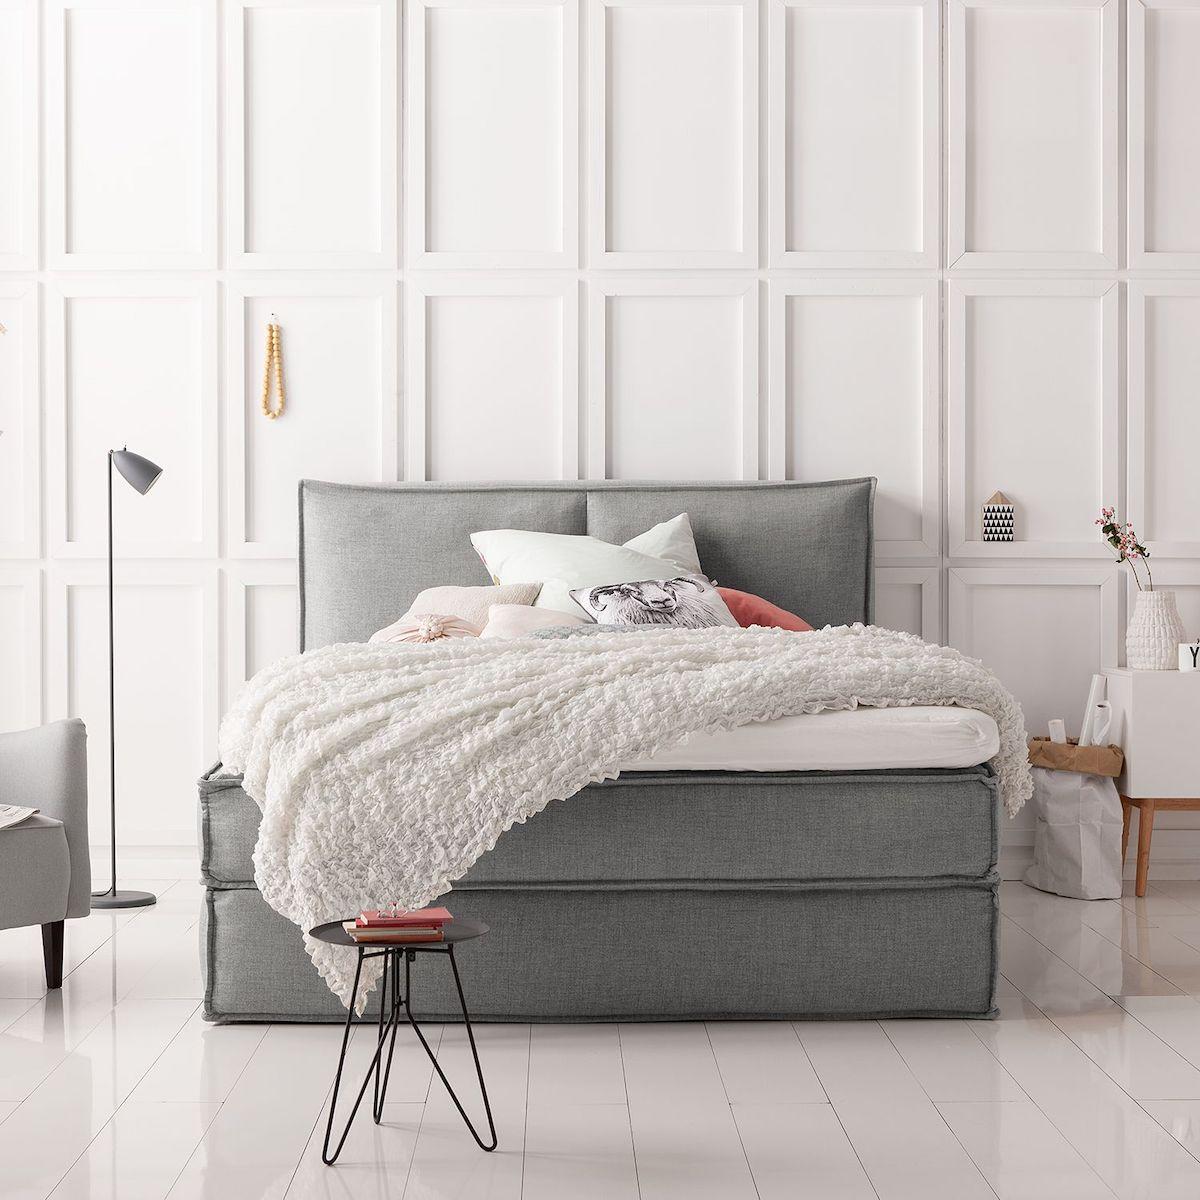 lit double boxspring gris parquet bois blanc moulure mur table basse noir métallique